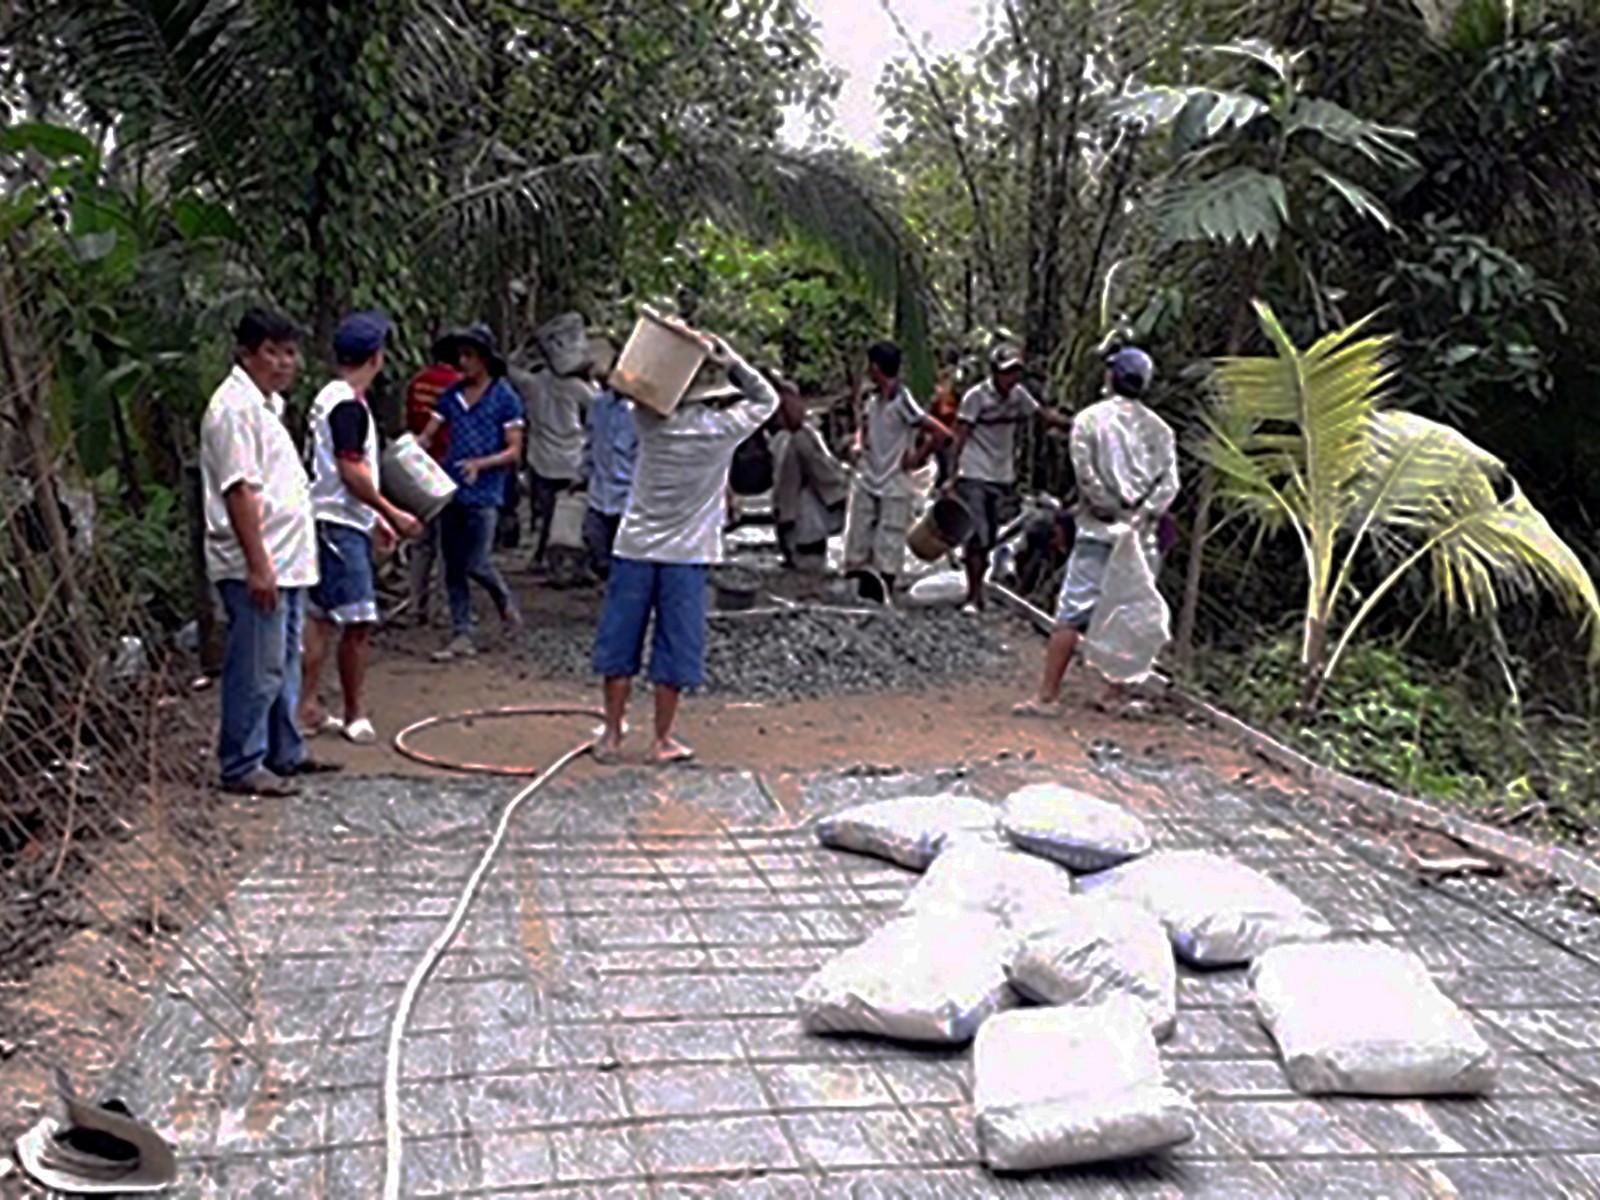 Đông đảo người dân tham gia nâng cấp, mở rộng công trình lộ GTNT tuyến cầu Bờ Hồ thuộc ấp Mỹ Long, xã Mỹ Khánh.